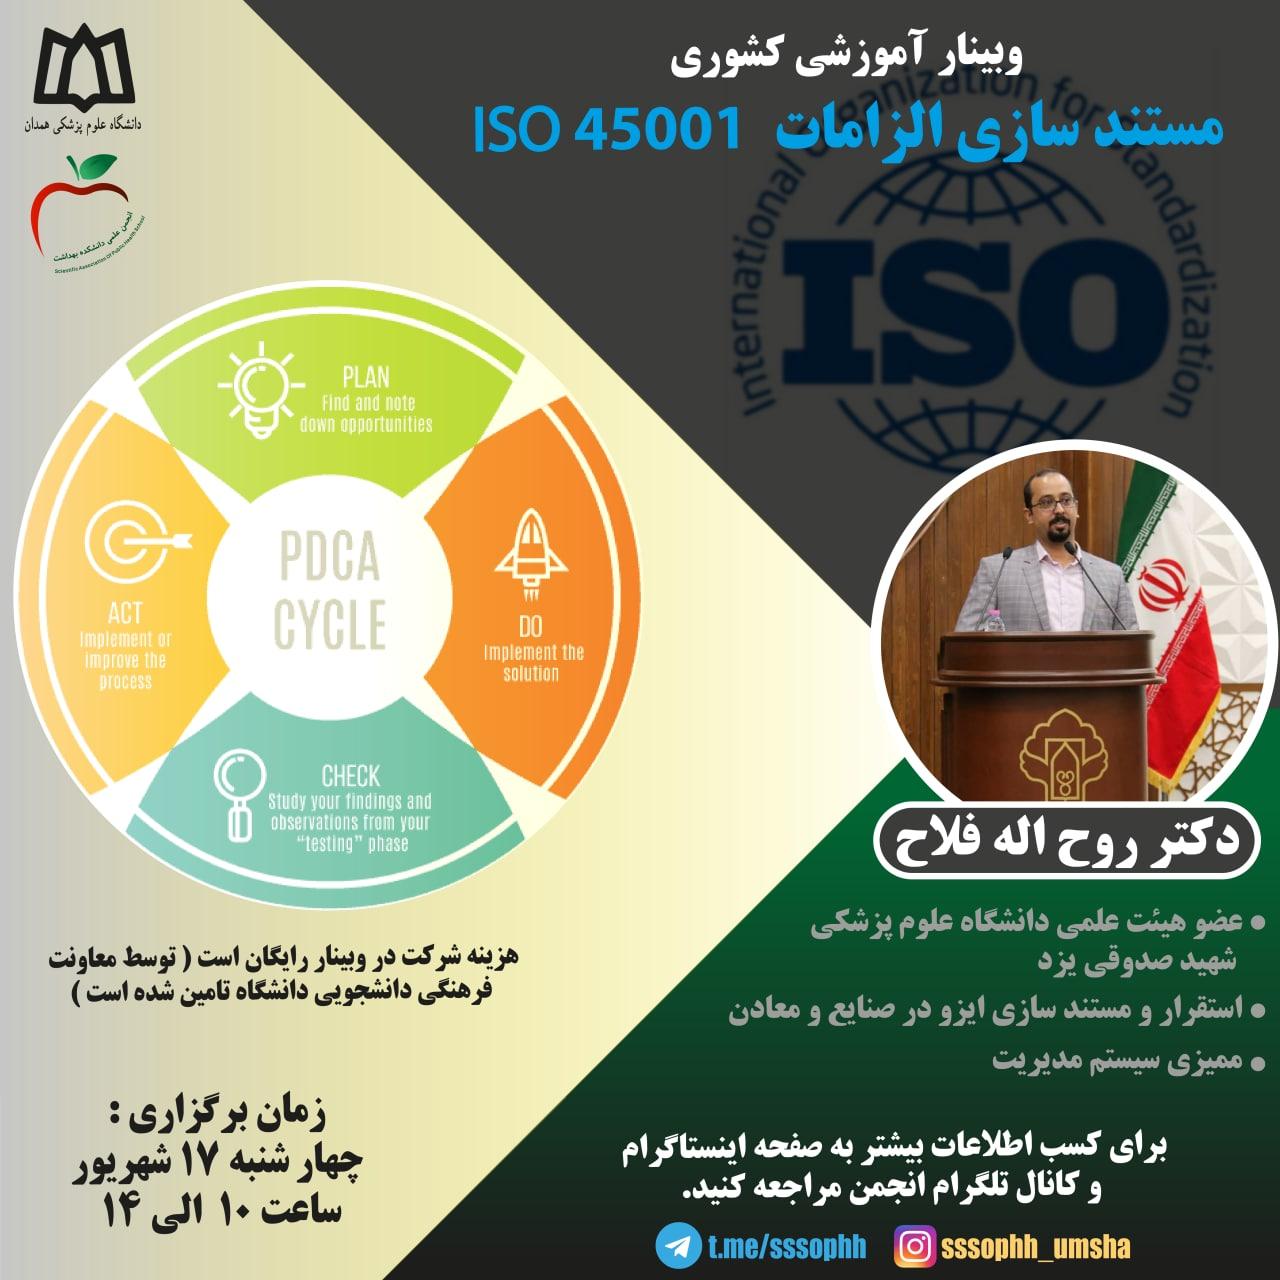 وبینار آموزشی کشوری مستند سازی الزامات ISO45001